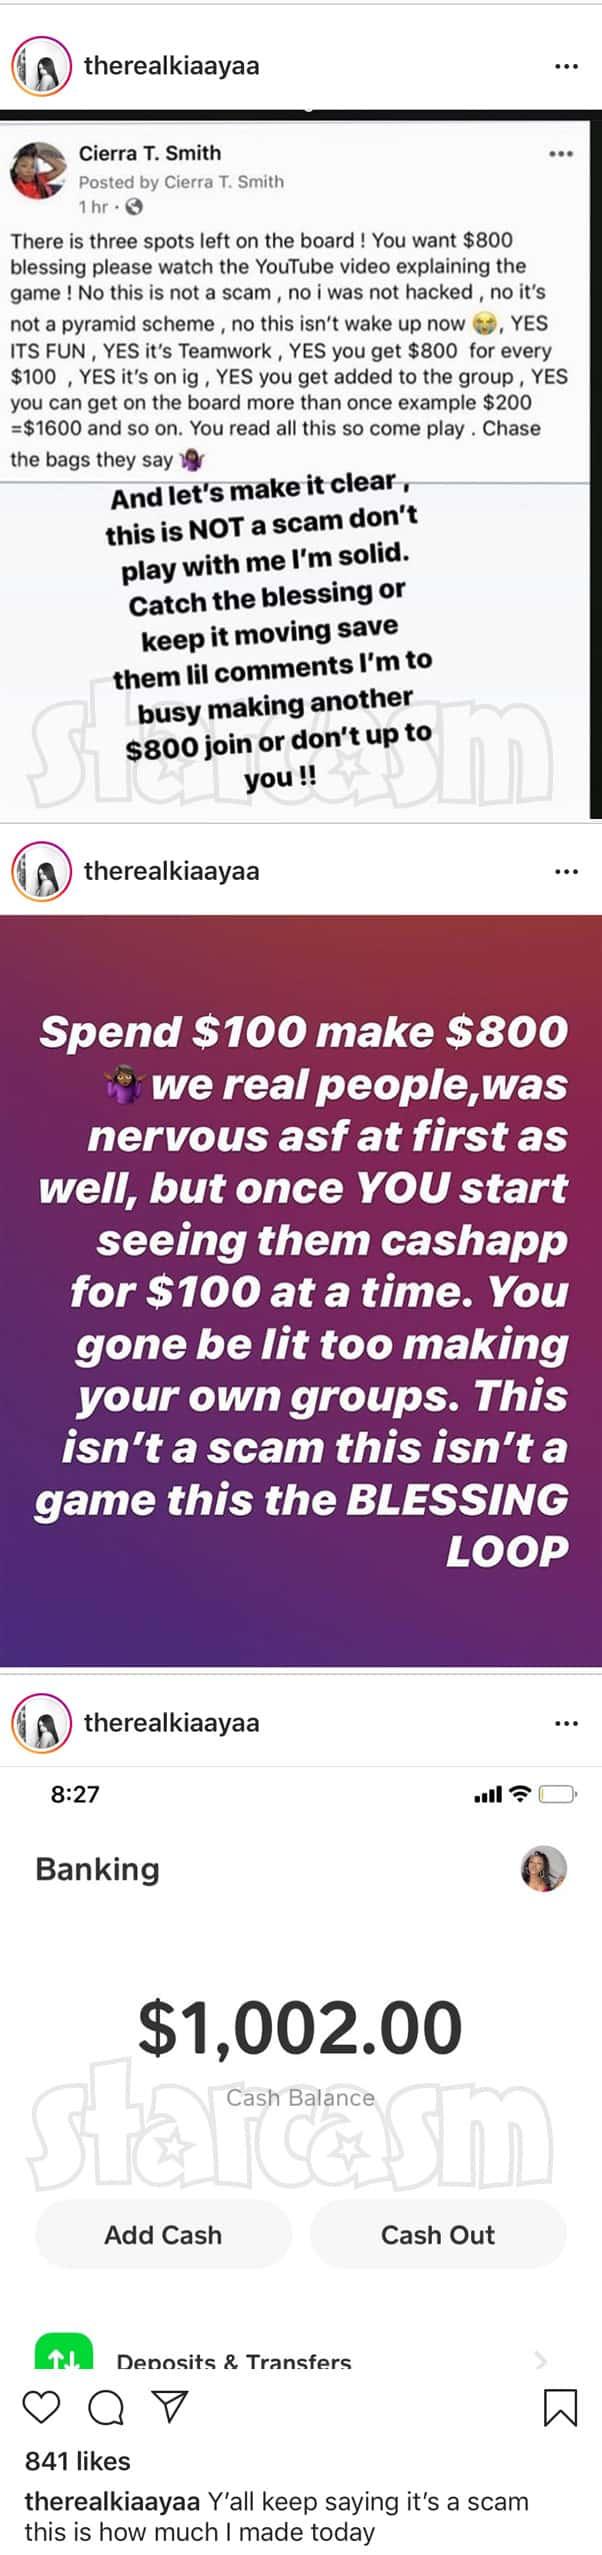 Teen Mom Kiaya Instagram scam Blessing Loop pyramid scheme